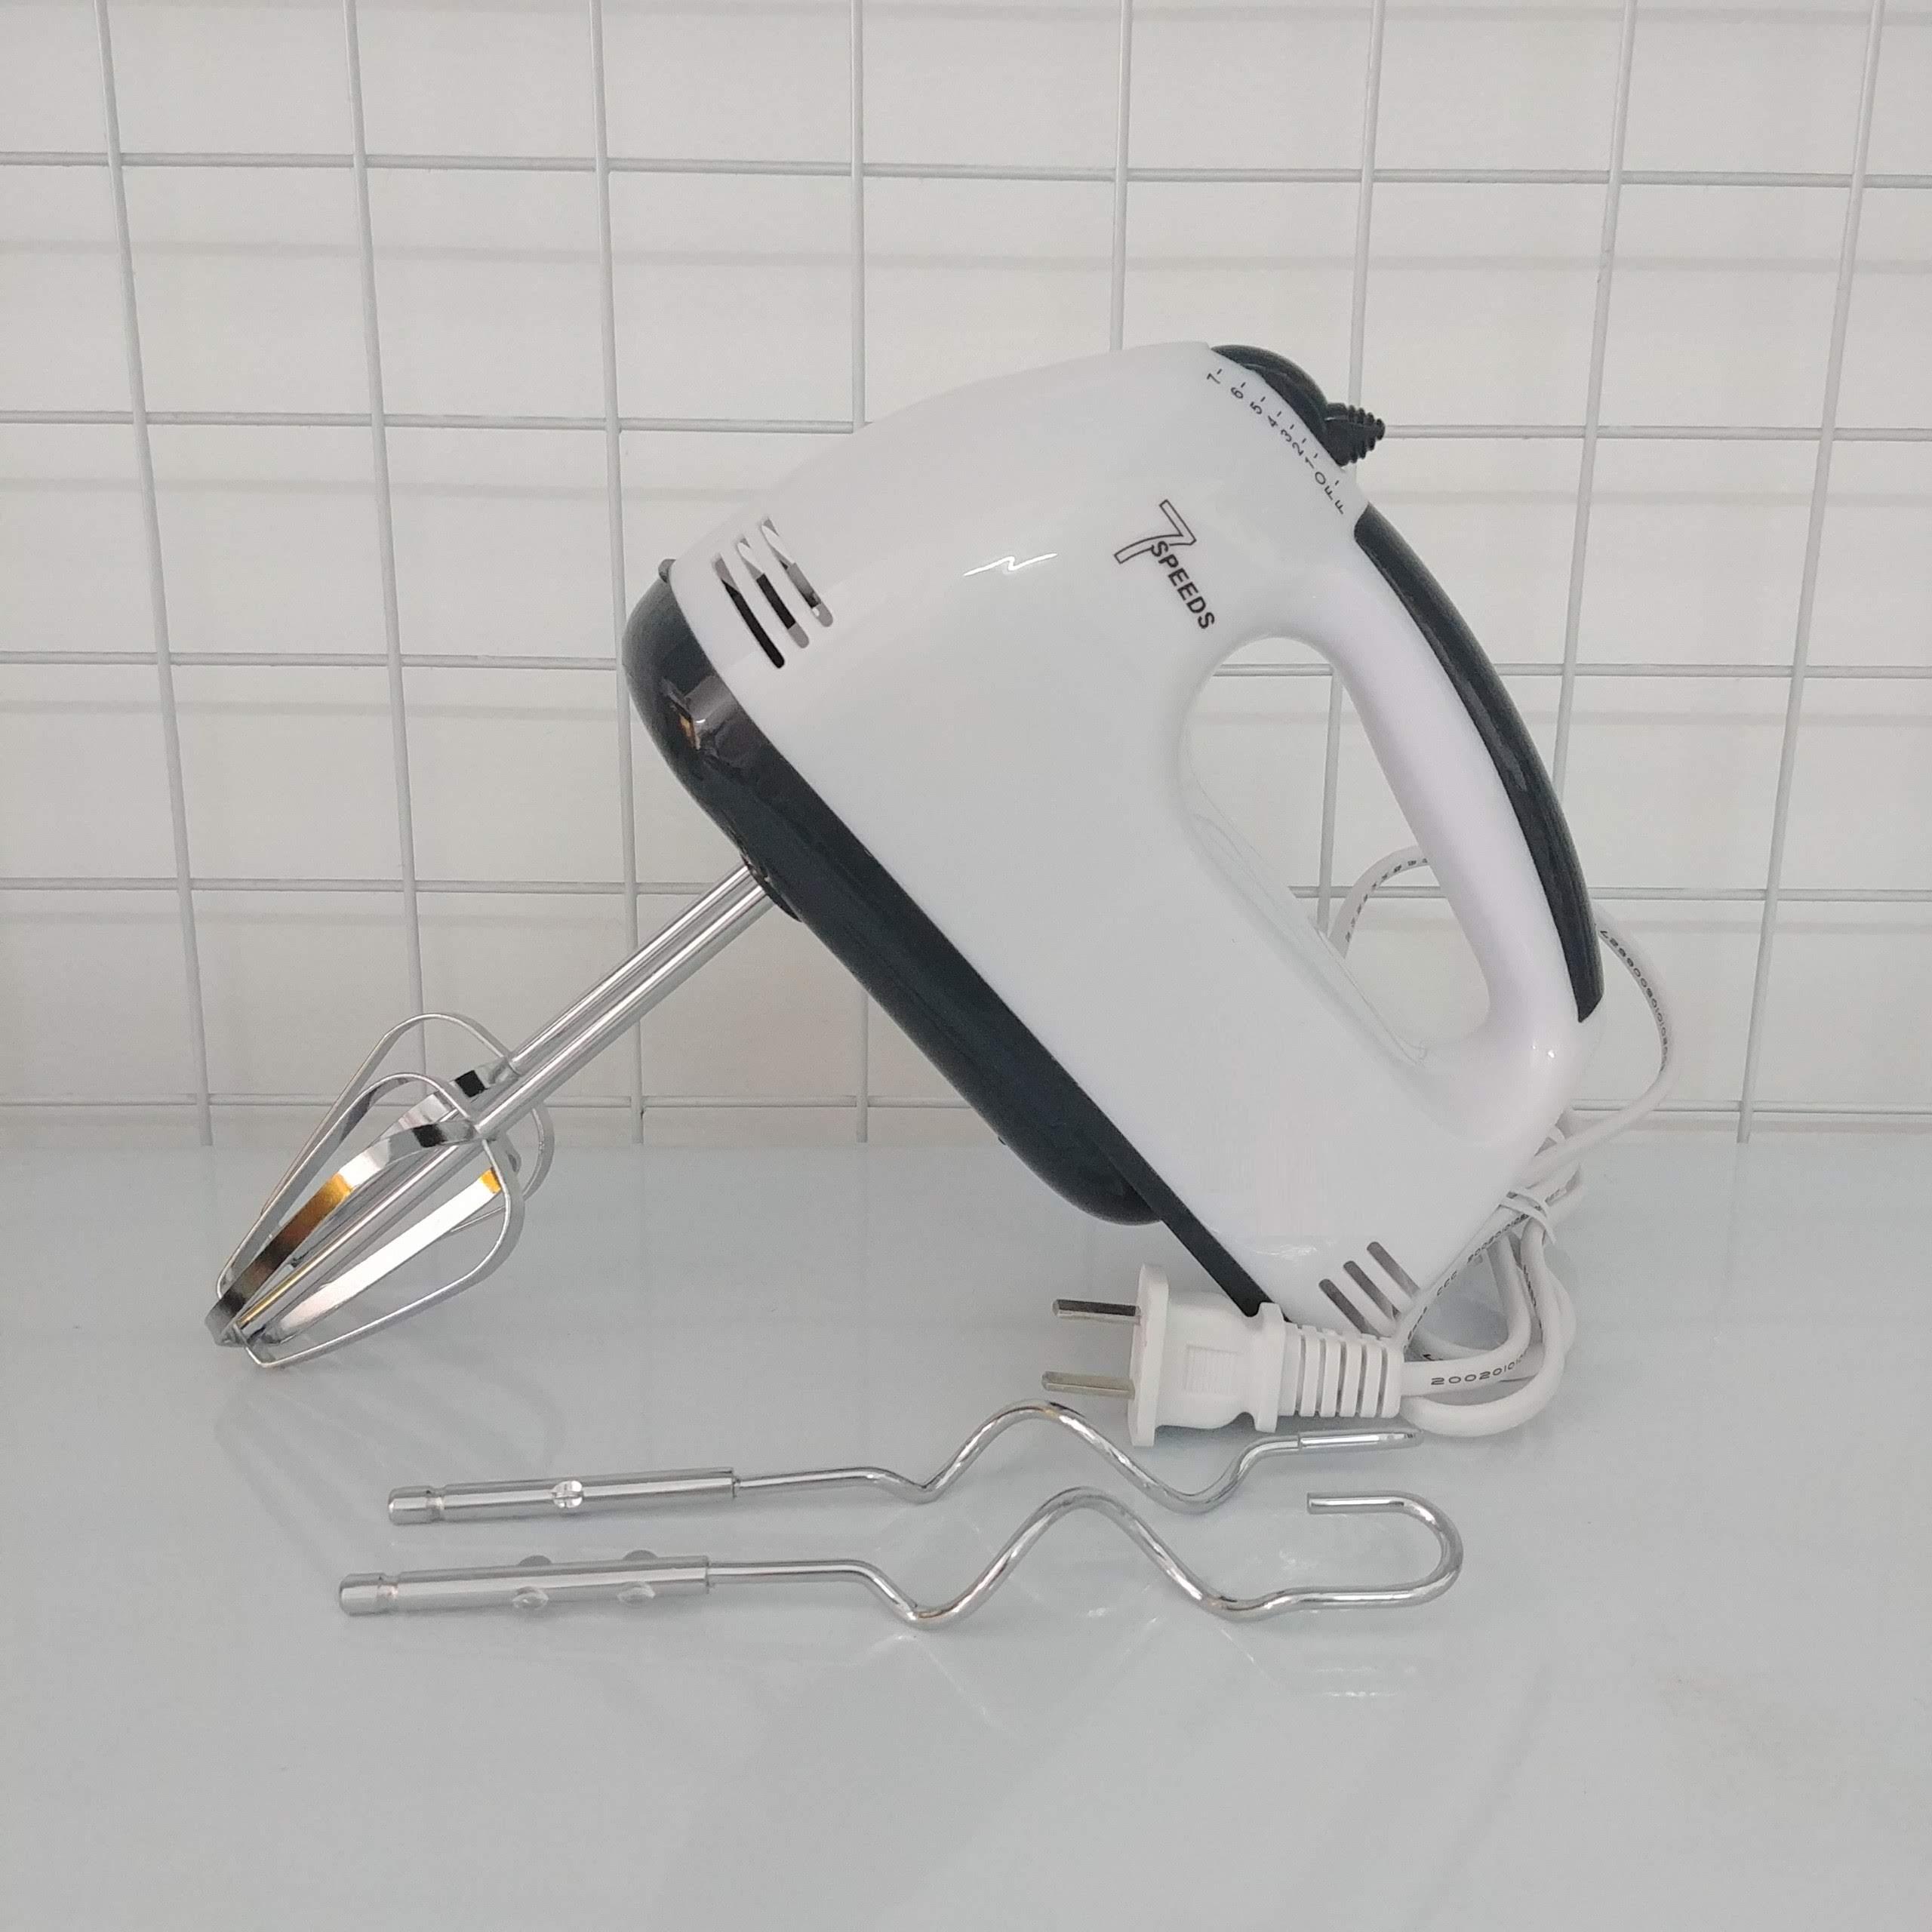 Máy Đánh Trứng Cầm Tay 7 Tốc Độ Công Suất 180W ( tặng kèm 1 dây buộc tóc xinh xắn)